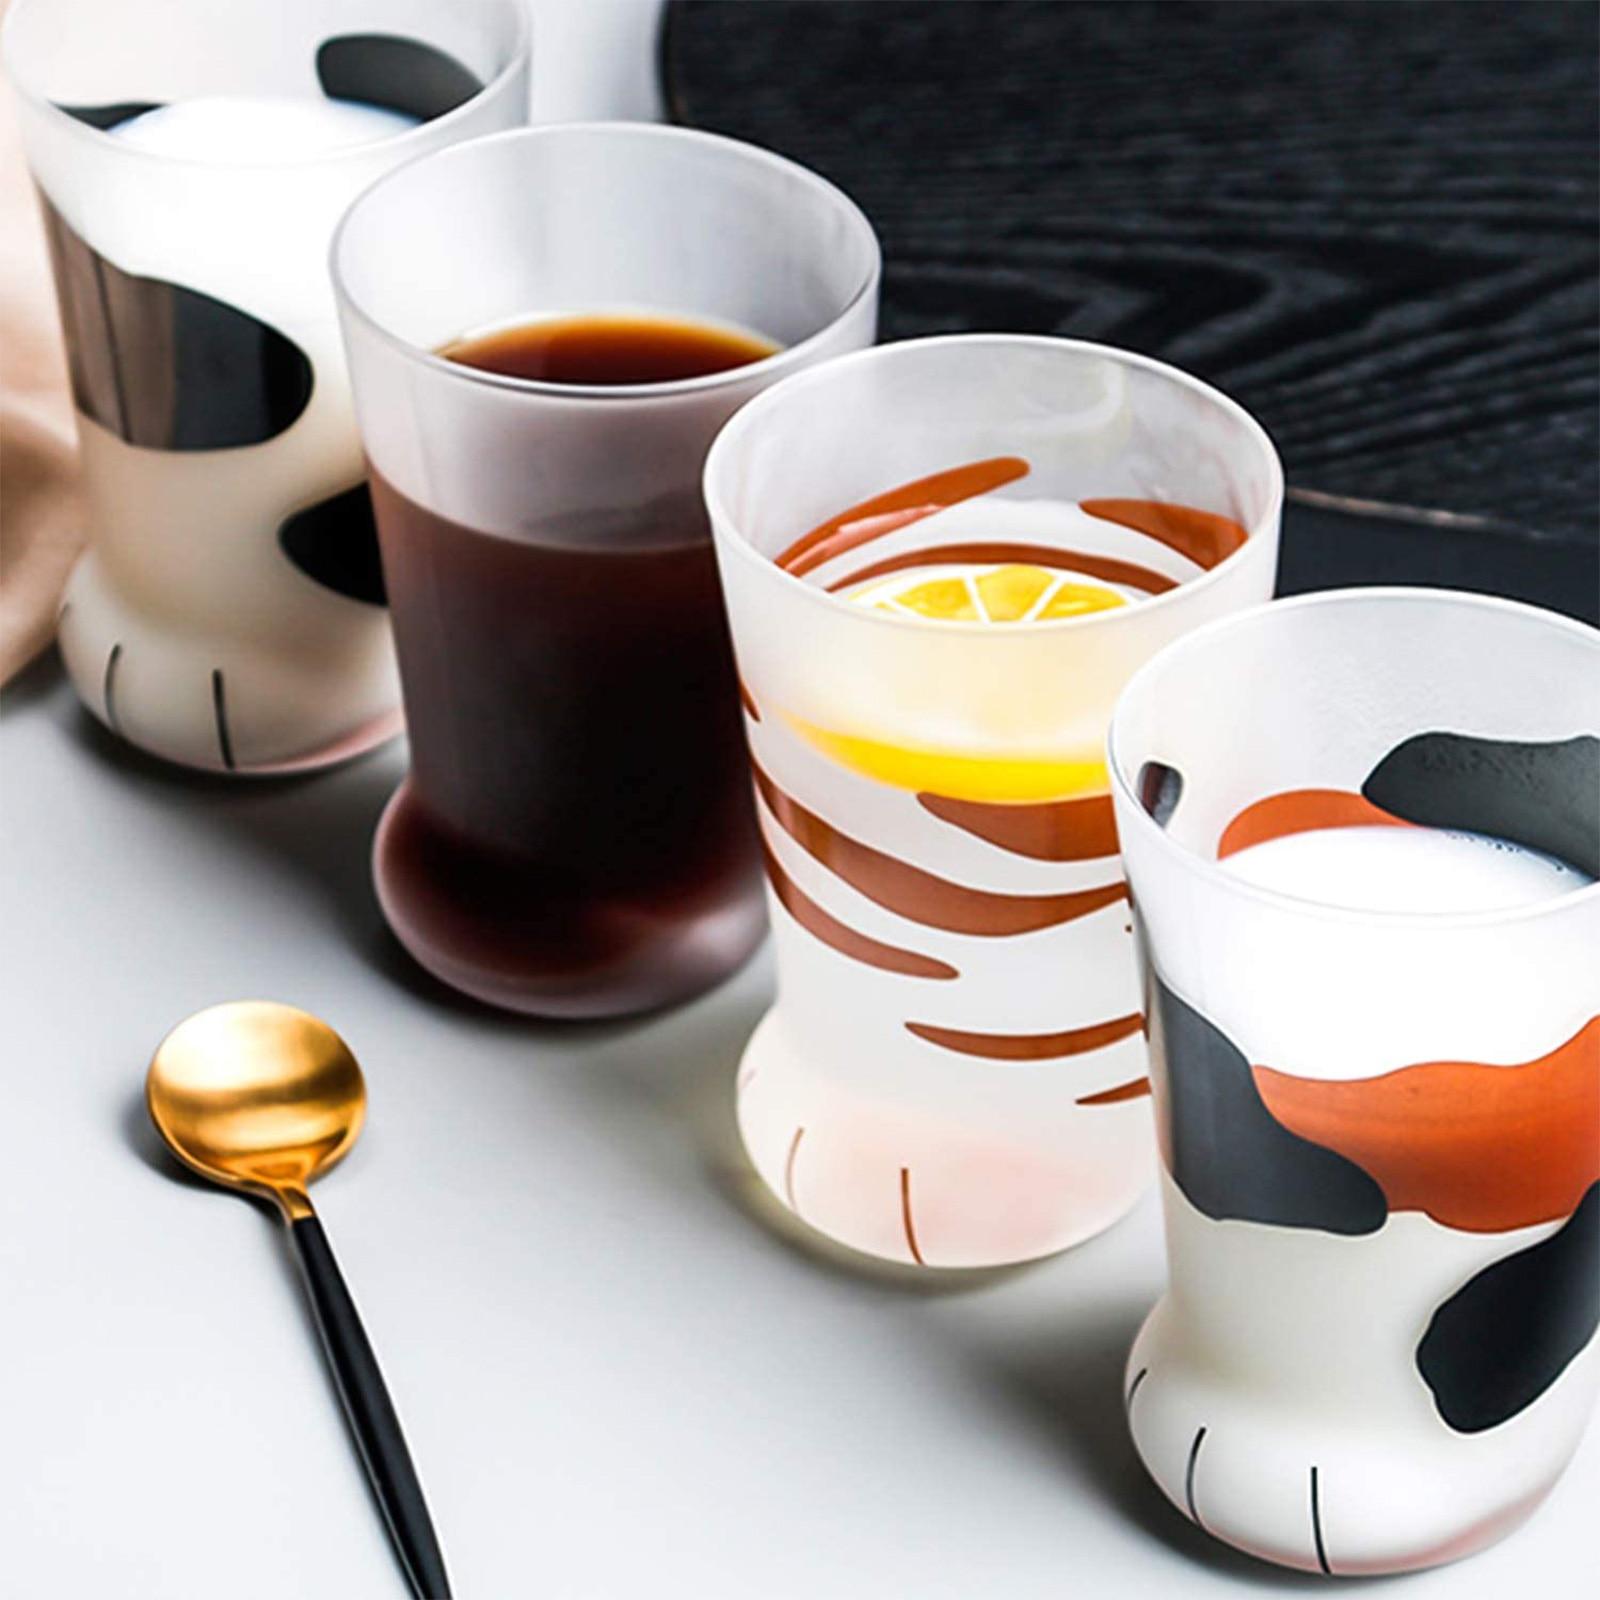 Criativo gato garra copo café da manhã copo de leite copo de vidro personalidade fosco copo de vidro canecas de leite de vidro copo de suco de limão para homens|null|   -